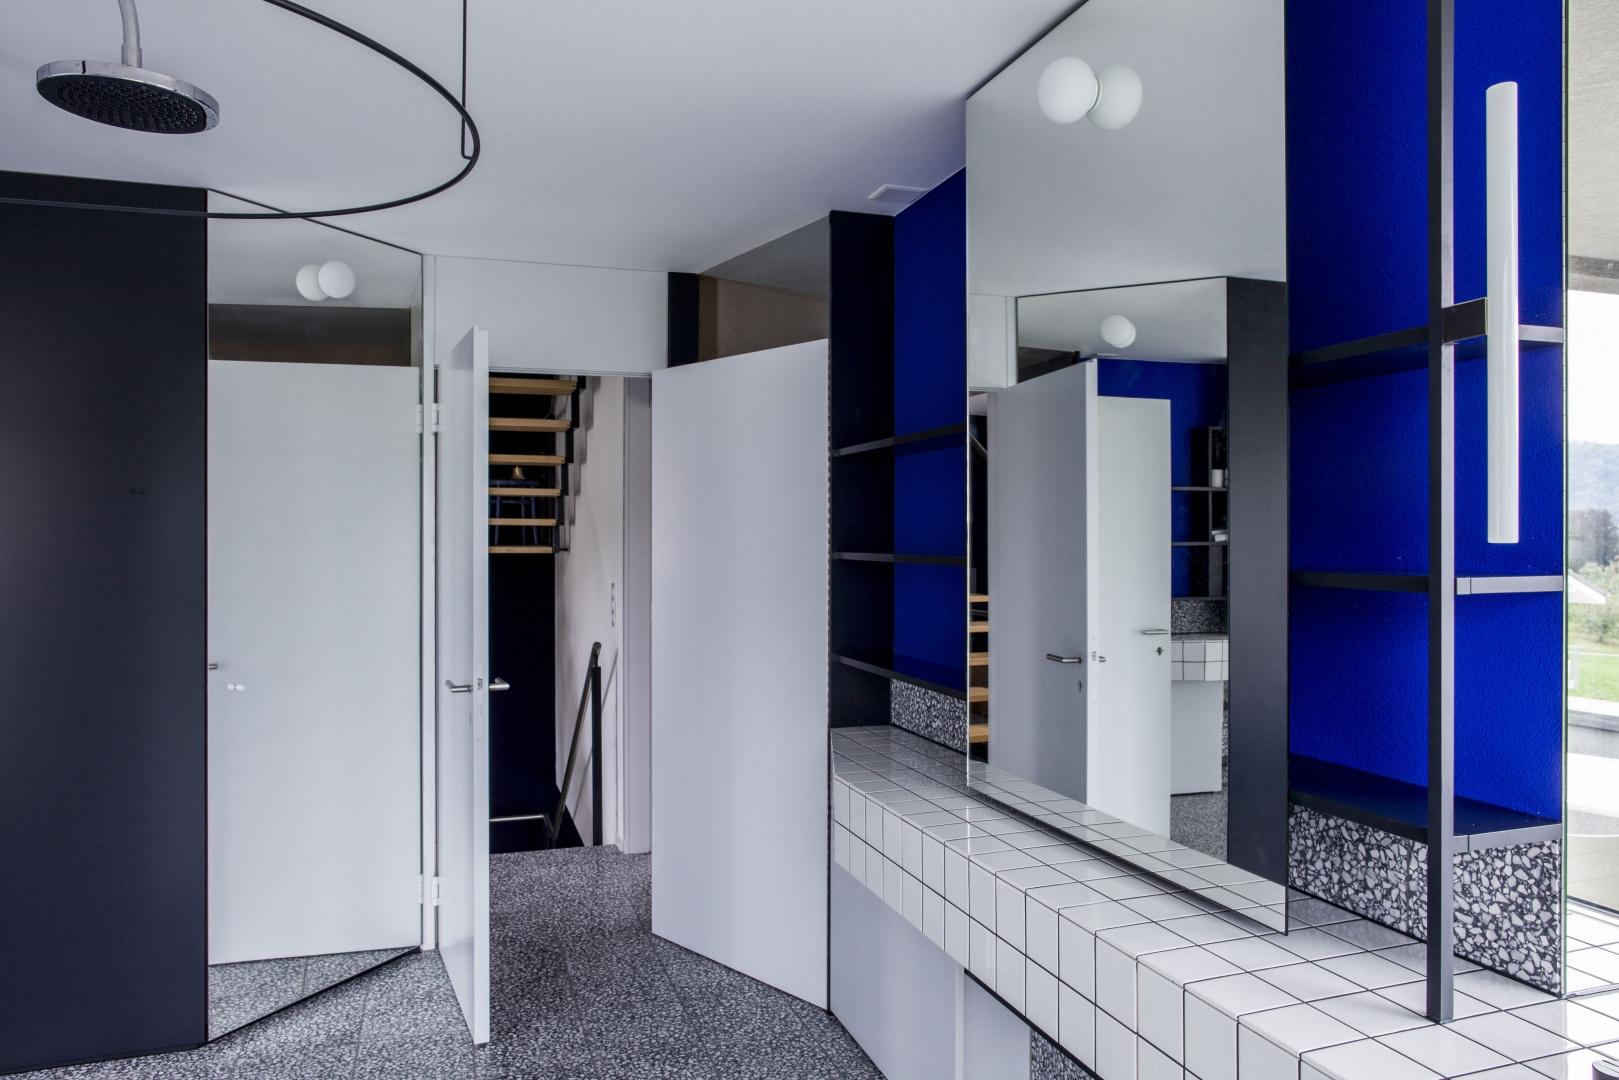 Bad zum Treppenhaus © © DU STUDIO, Zürich